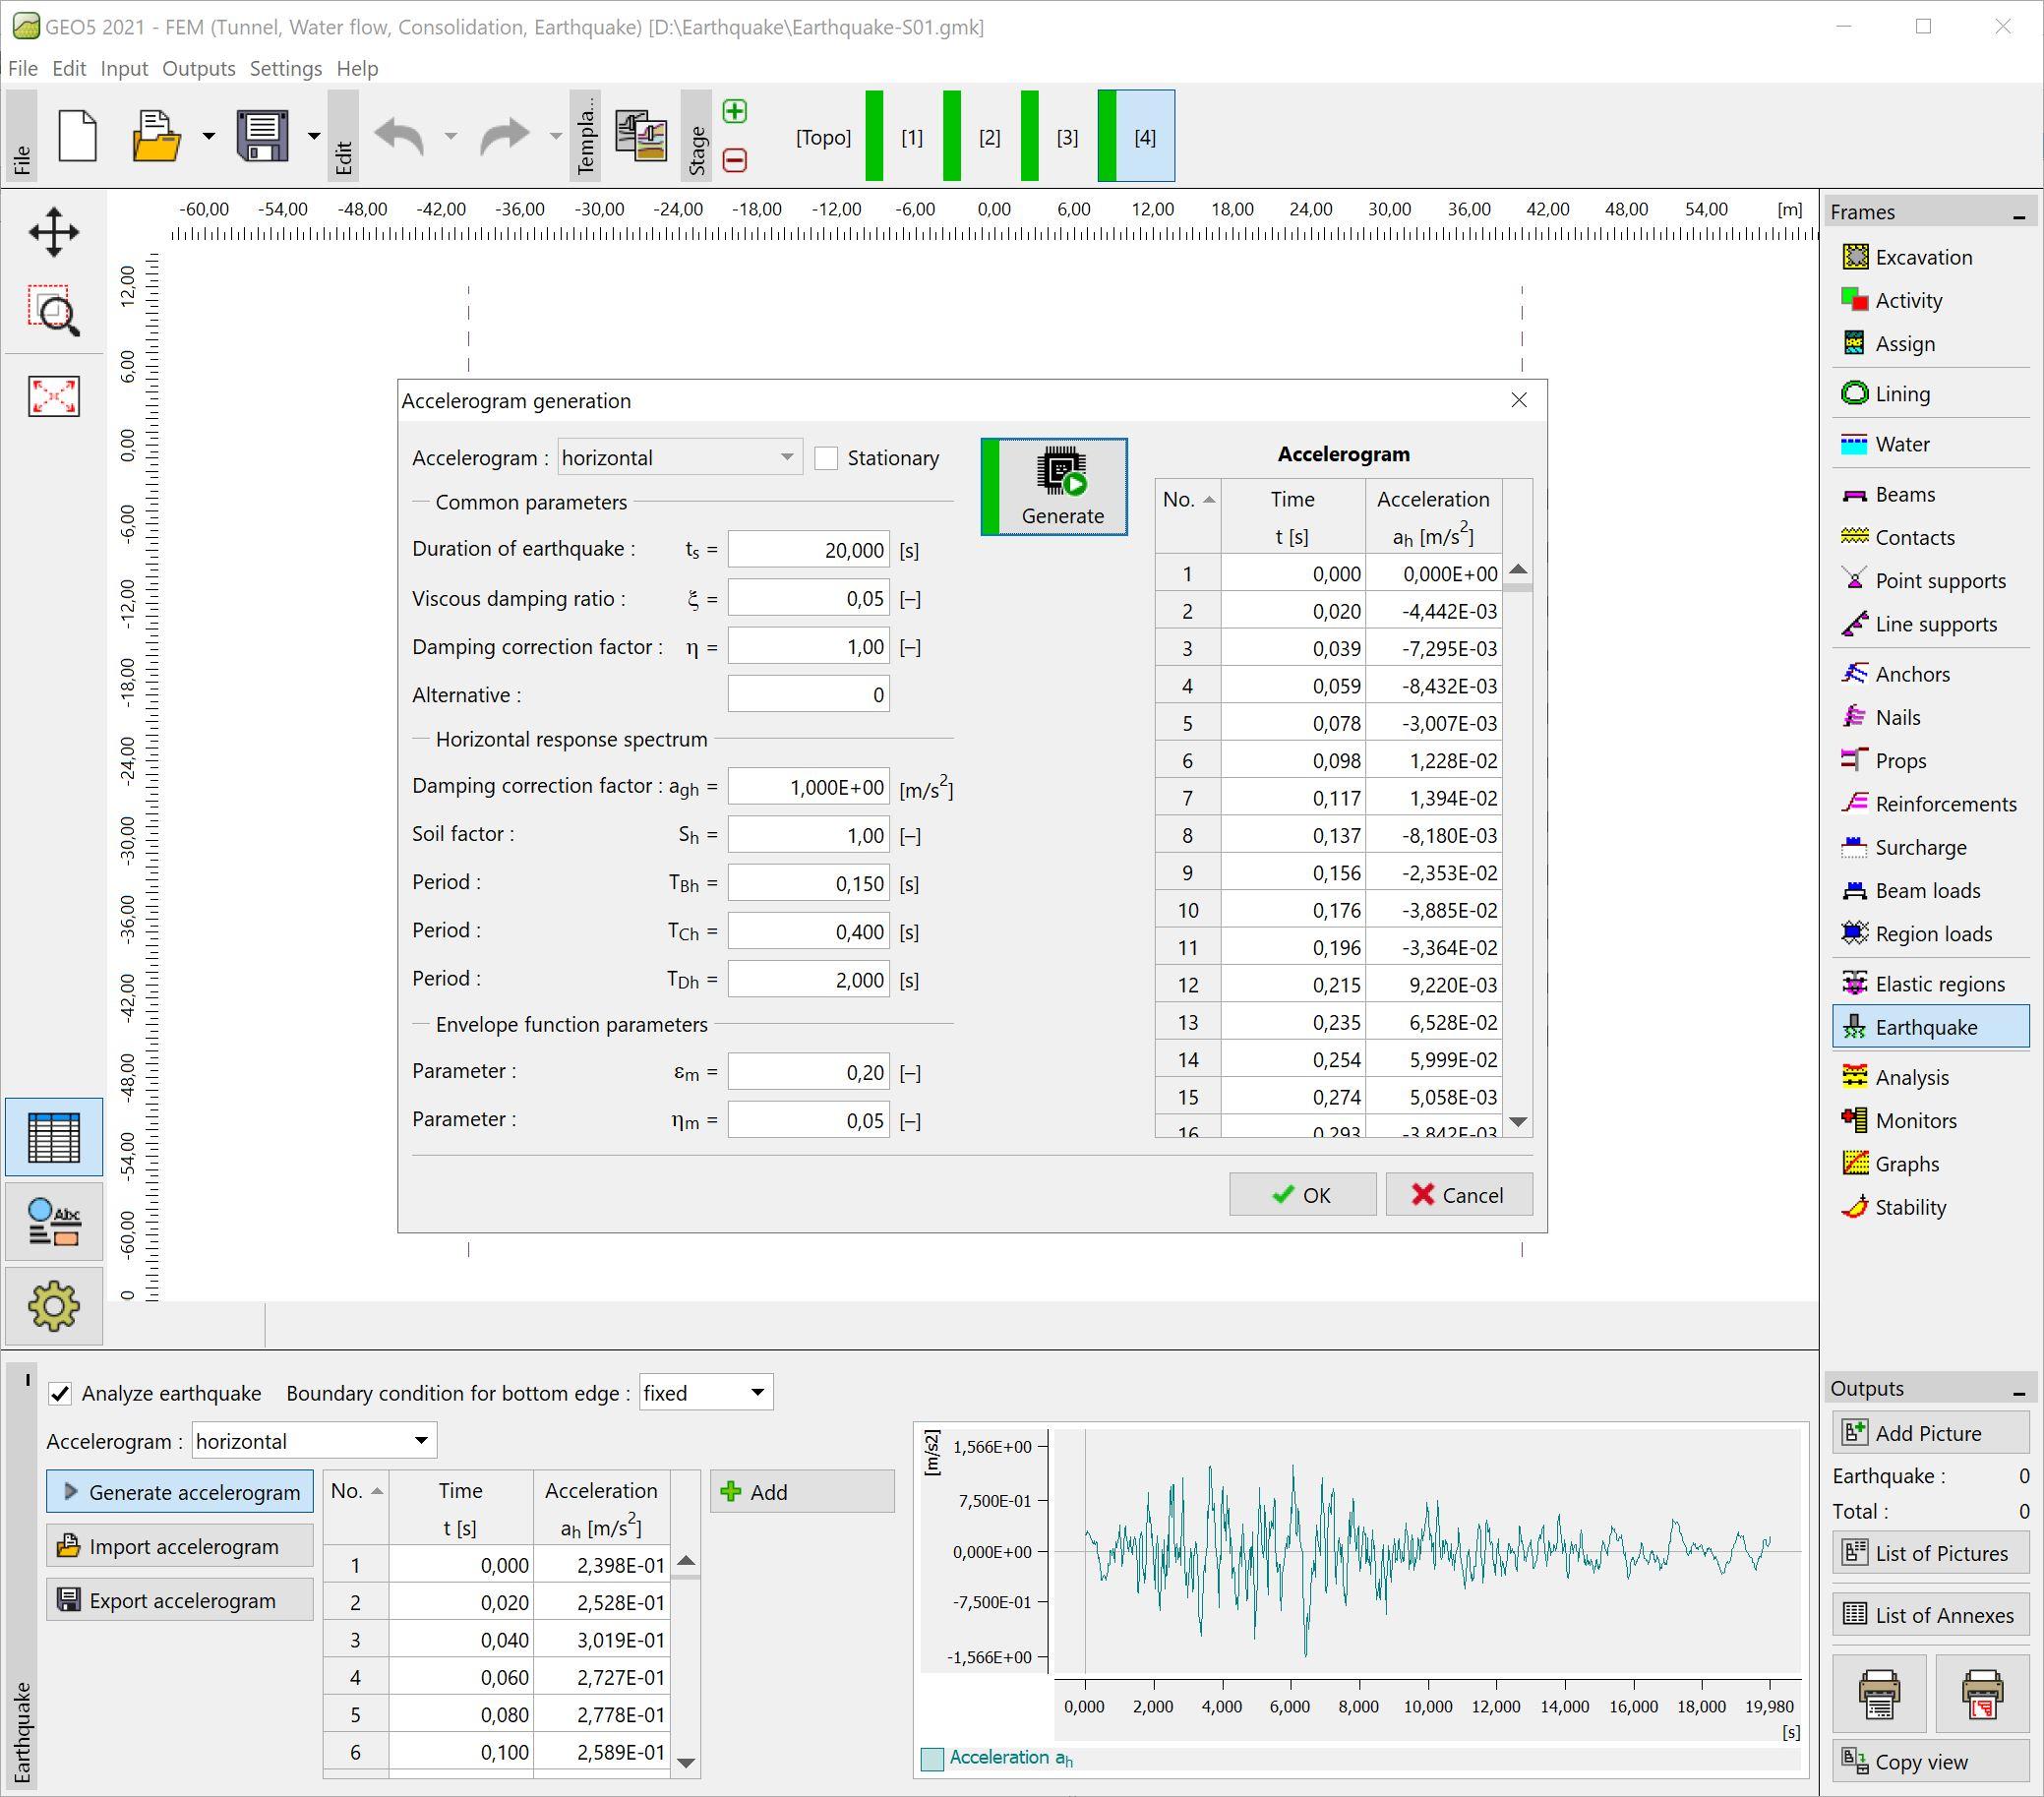 FEM – Earthquake : Accelerogram generation